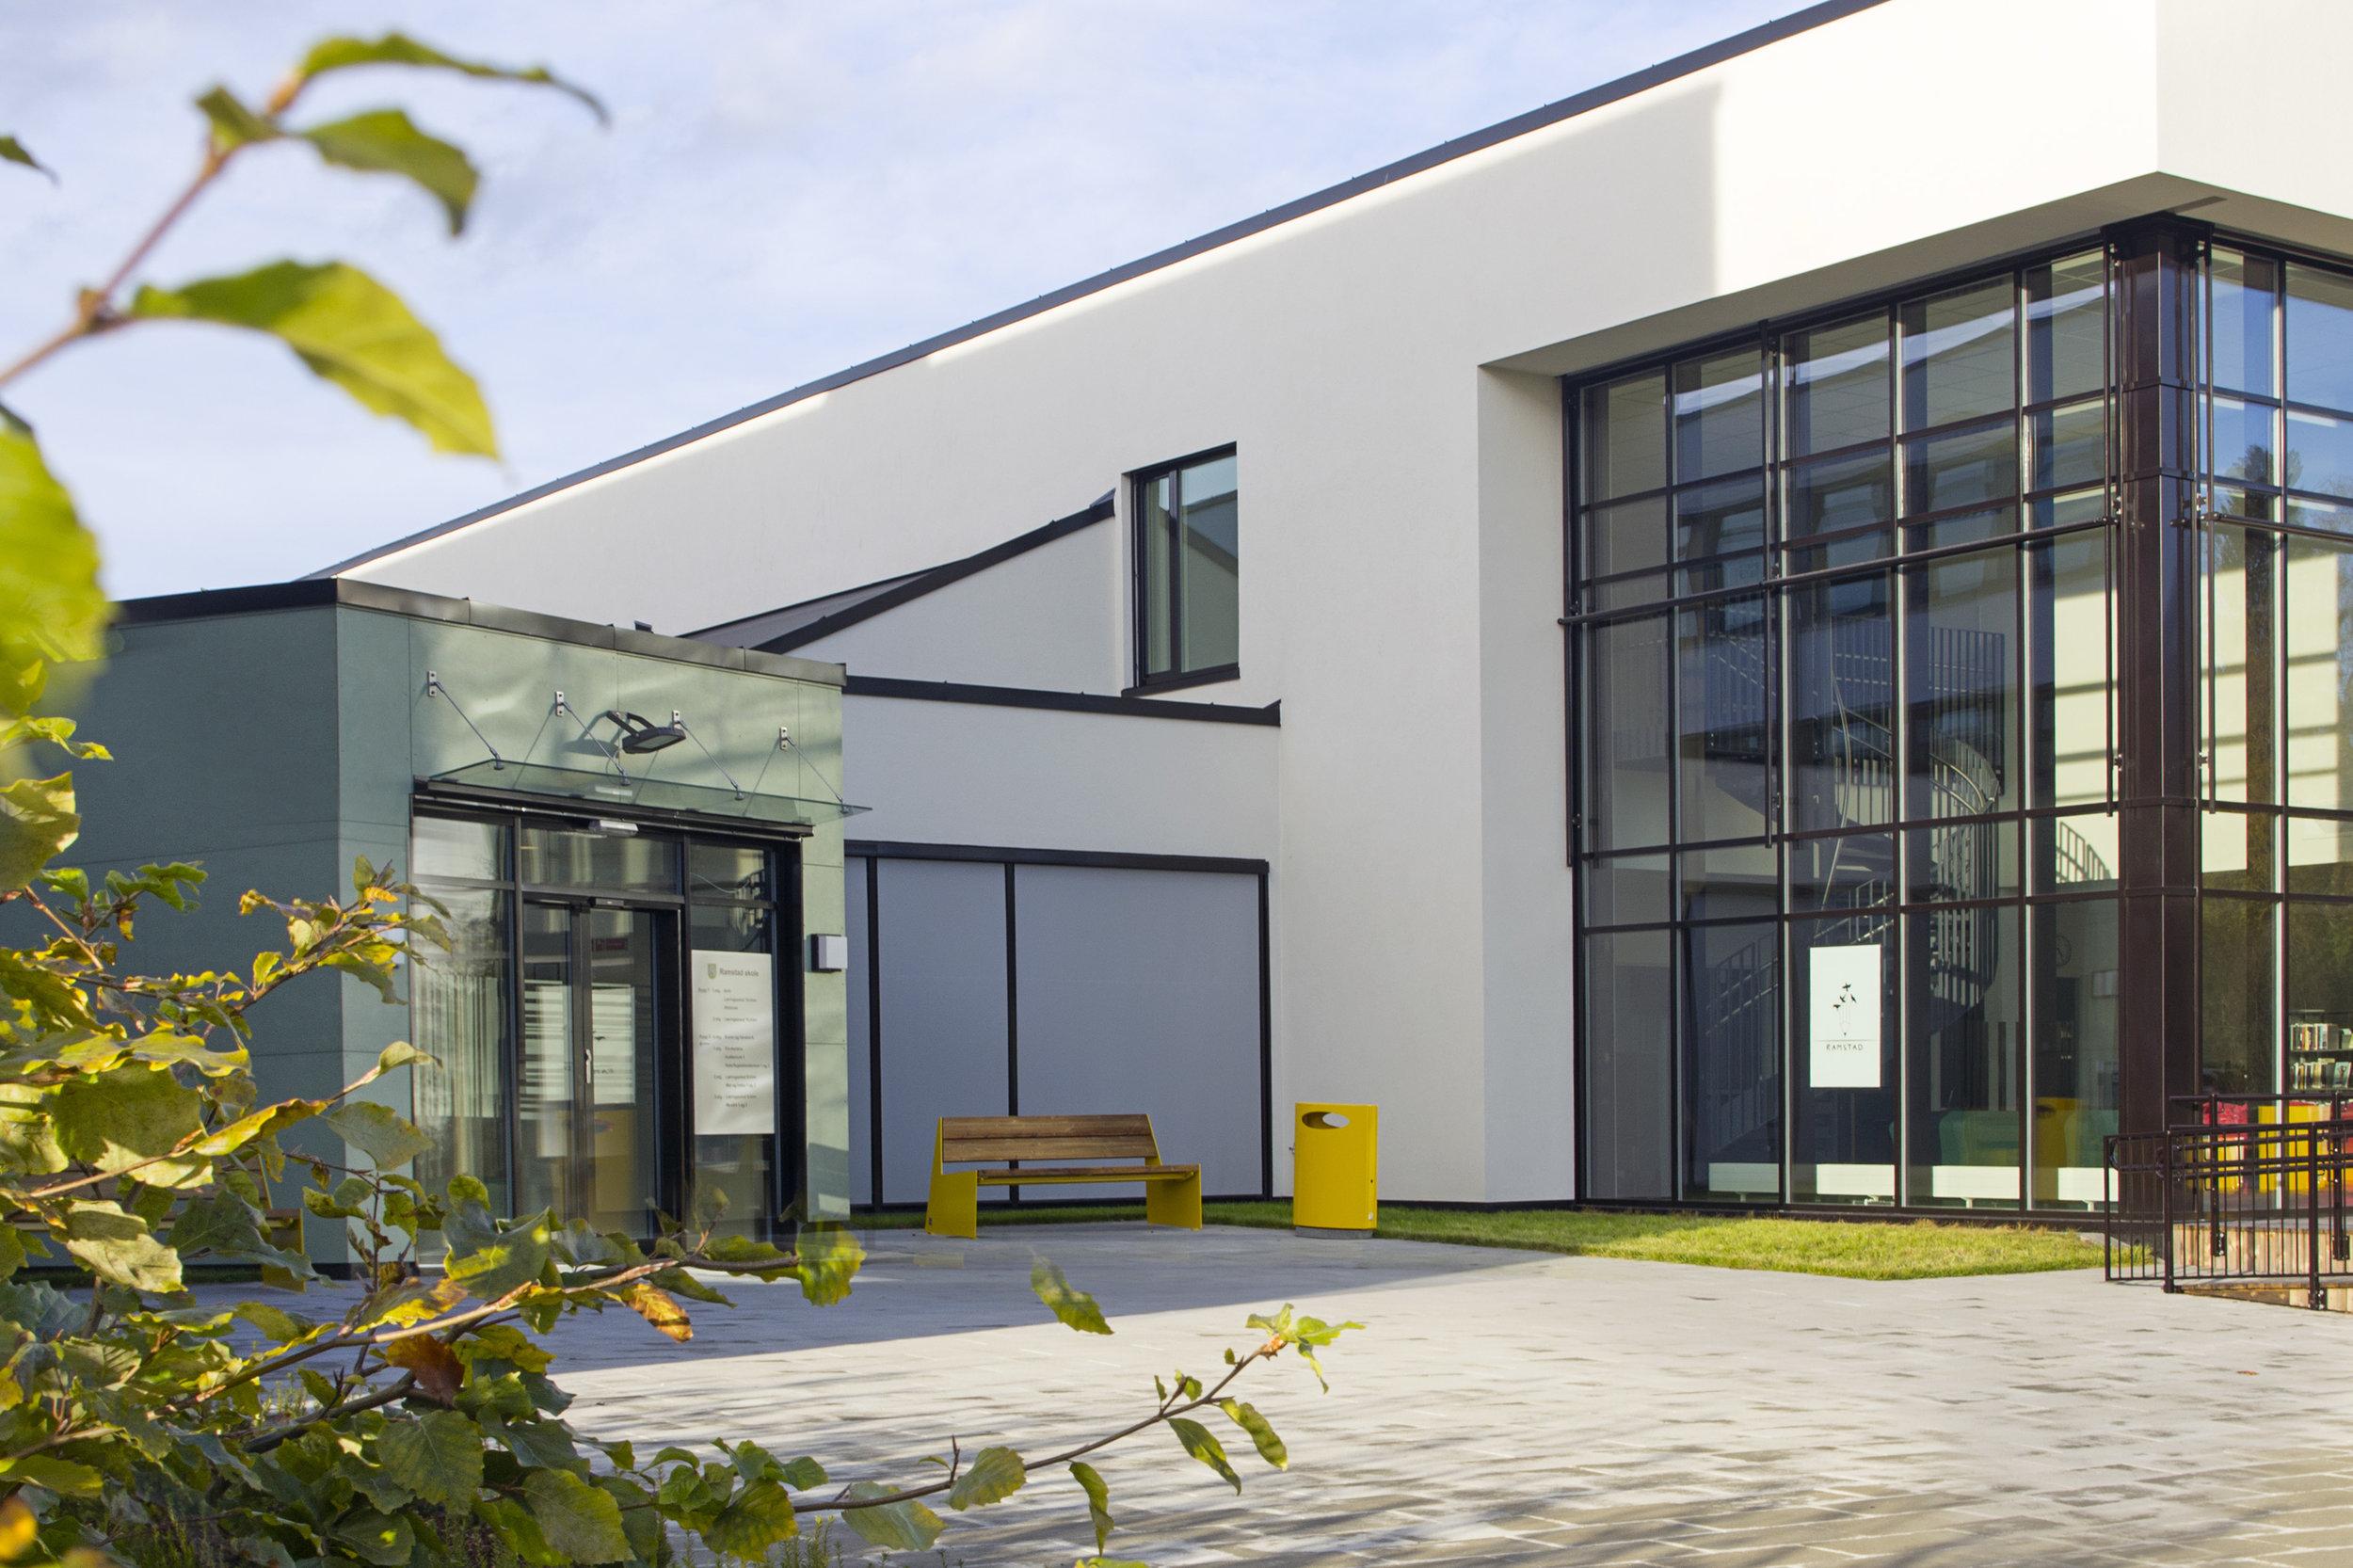 Ramstad skole_Fasade 04.jpg